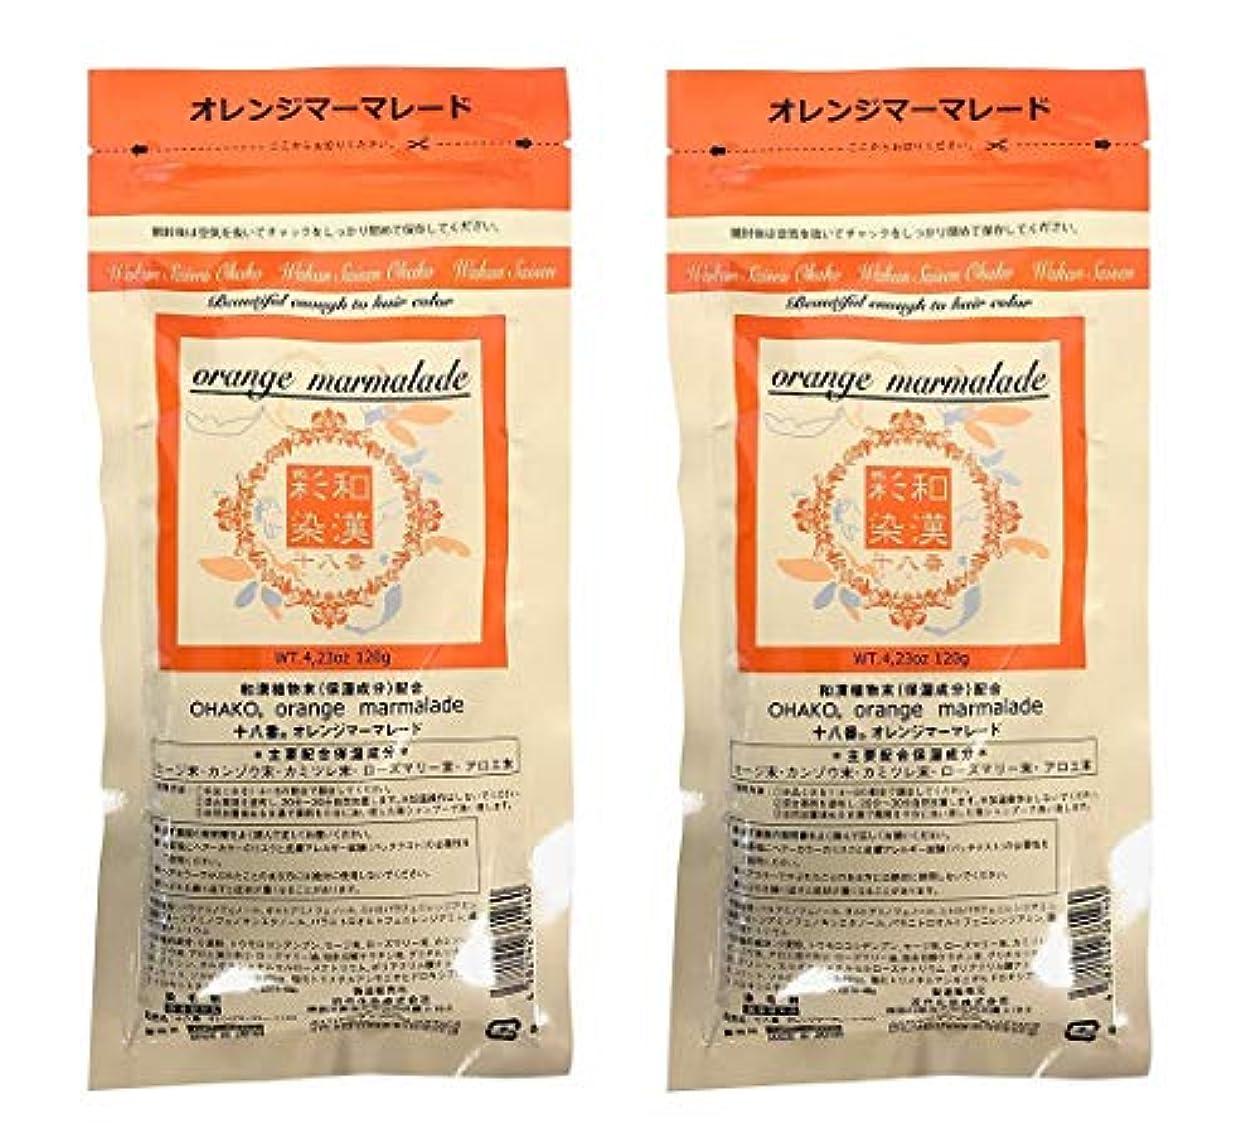 ナイロンダイアクリティカル畝間【2個セット】グランデックス 和漢彩染 十八番 120g オレンジママーレード